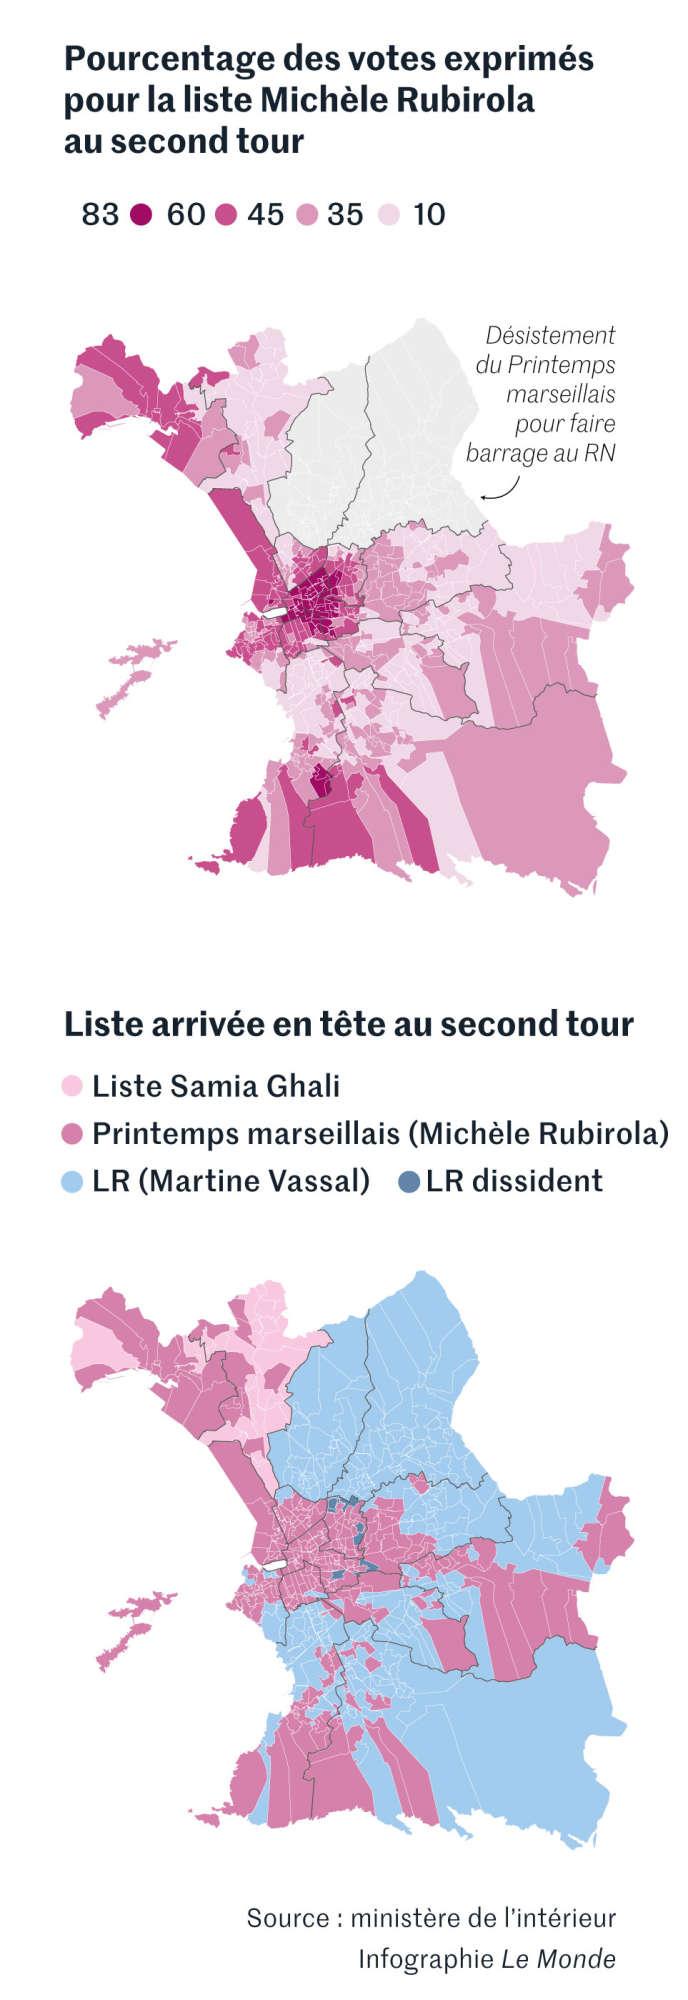 Résultats du second tour des élections municipales 2020 à Marseille.